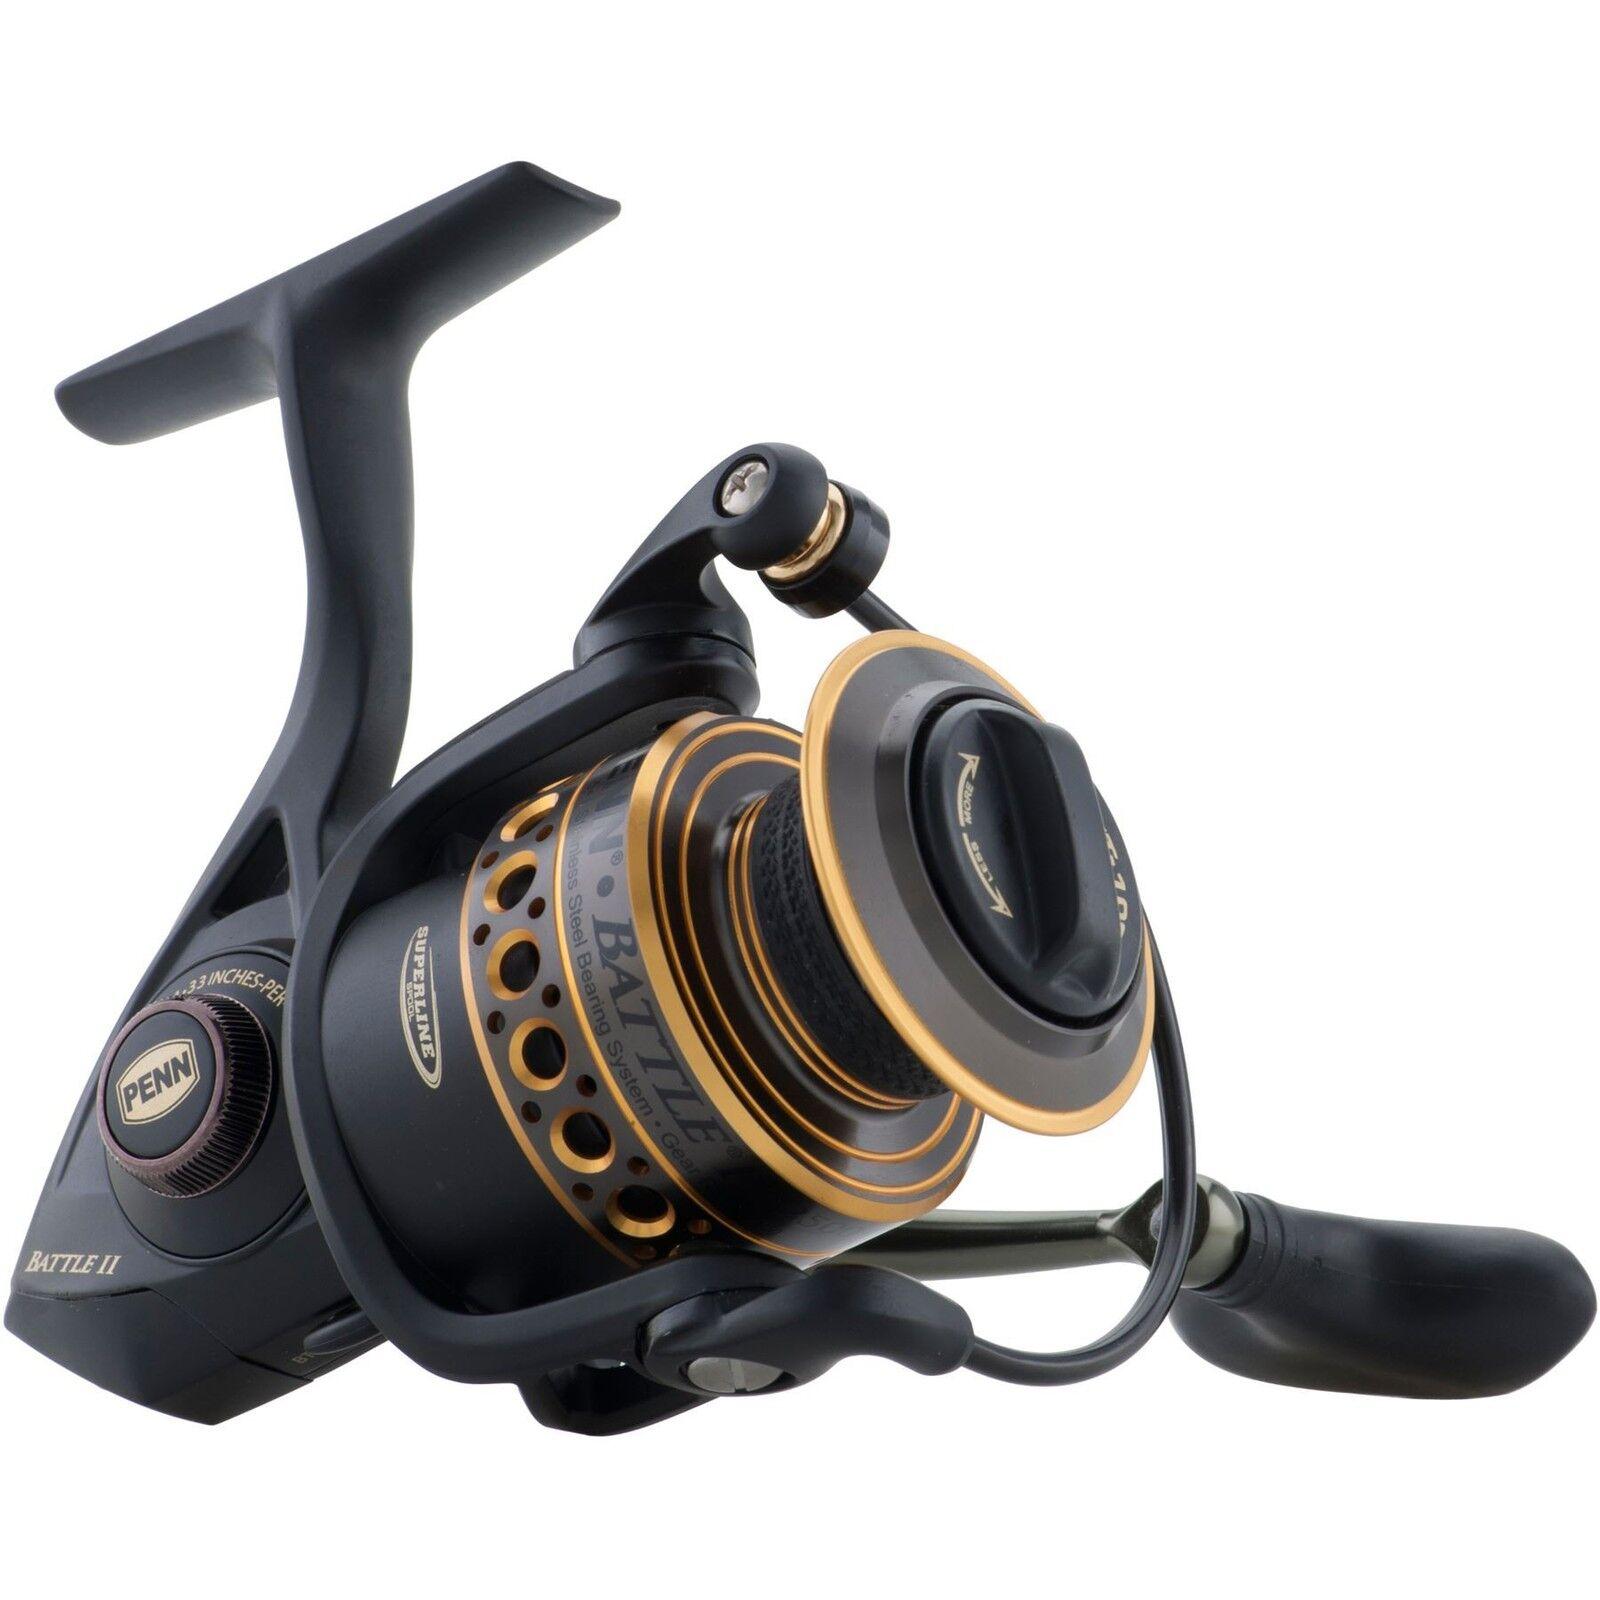 Penn Battle II 2500   Fishing Reel   1338217